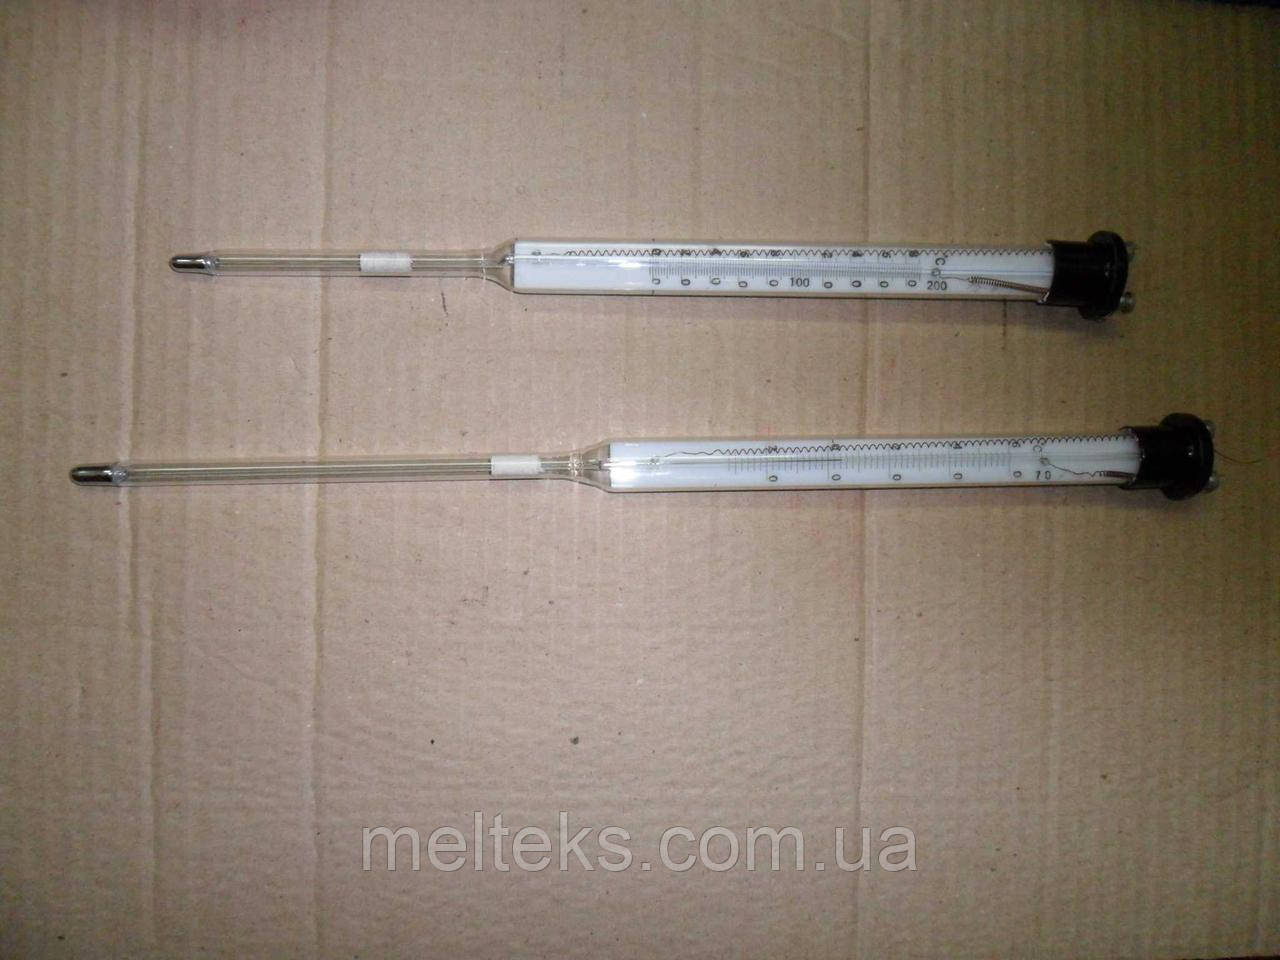 Термометр электроконтактный ТЗК с Фиксированной уставкой (+70 и +200 град.)